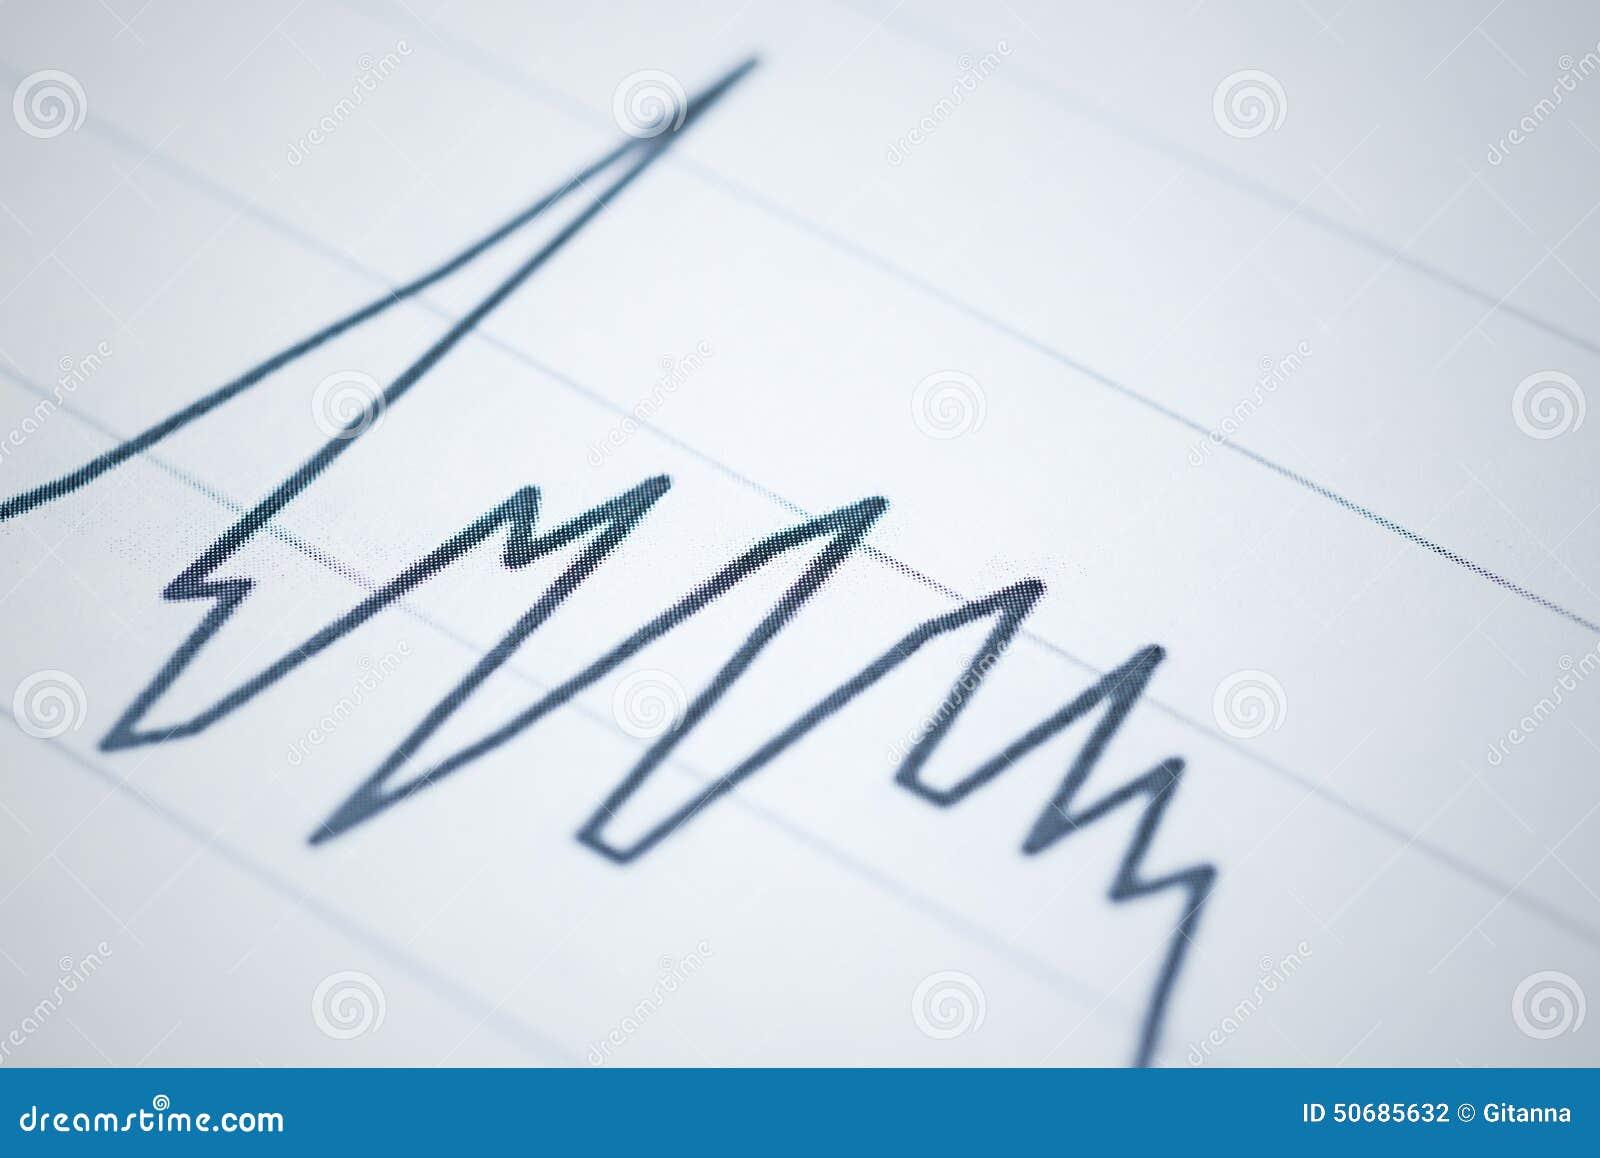 Download 财政机会的研究 库存照片. 图片 包括有 投资, 商业, 报表, 股票, 财务, 纸张, 图形, 增长, 阿克拉 - 50685632